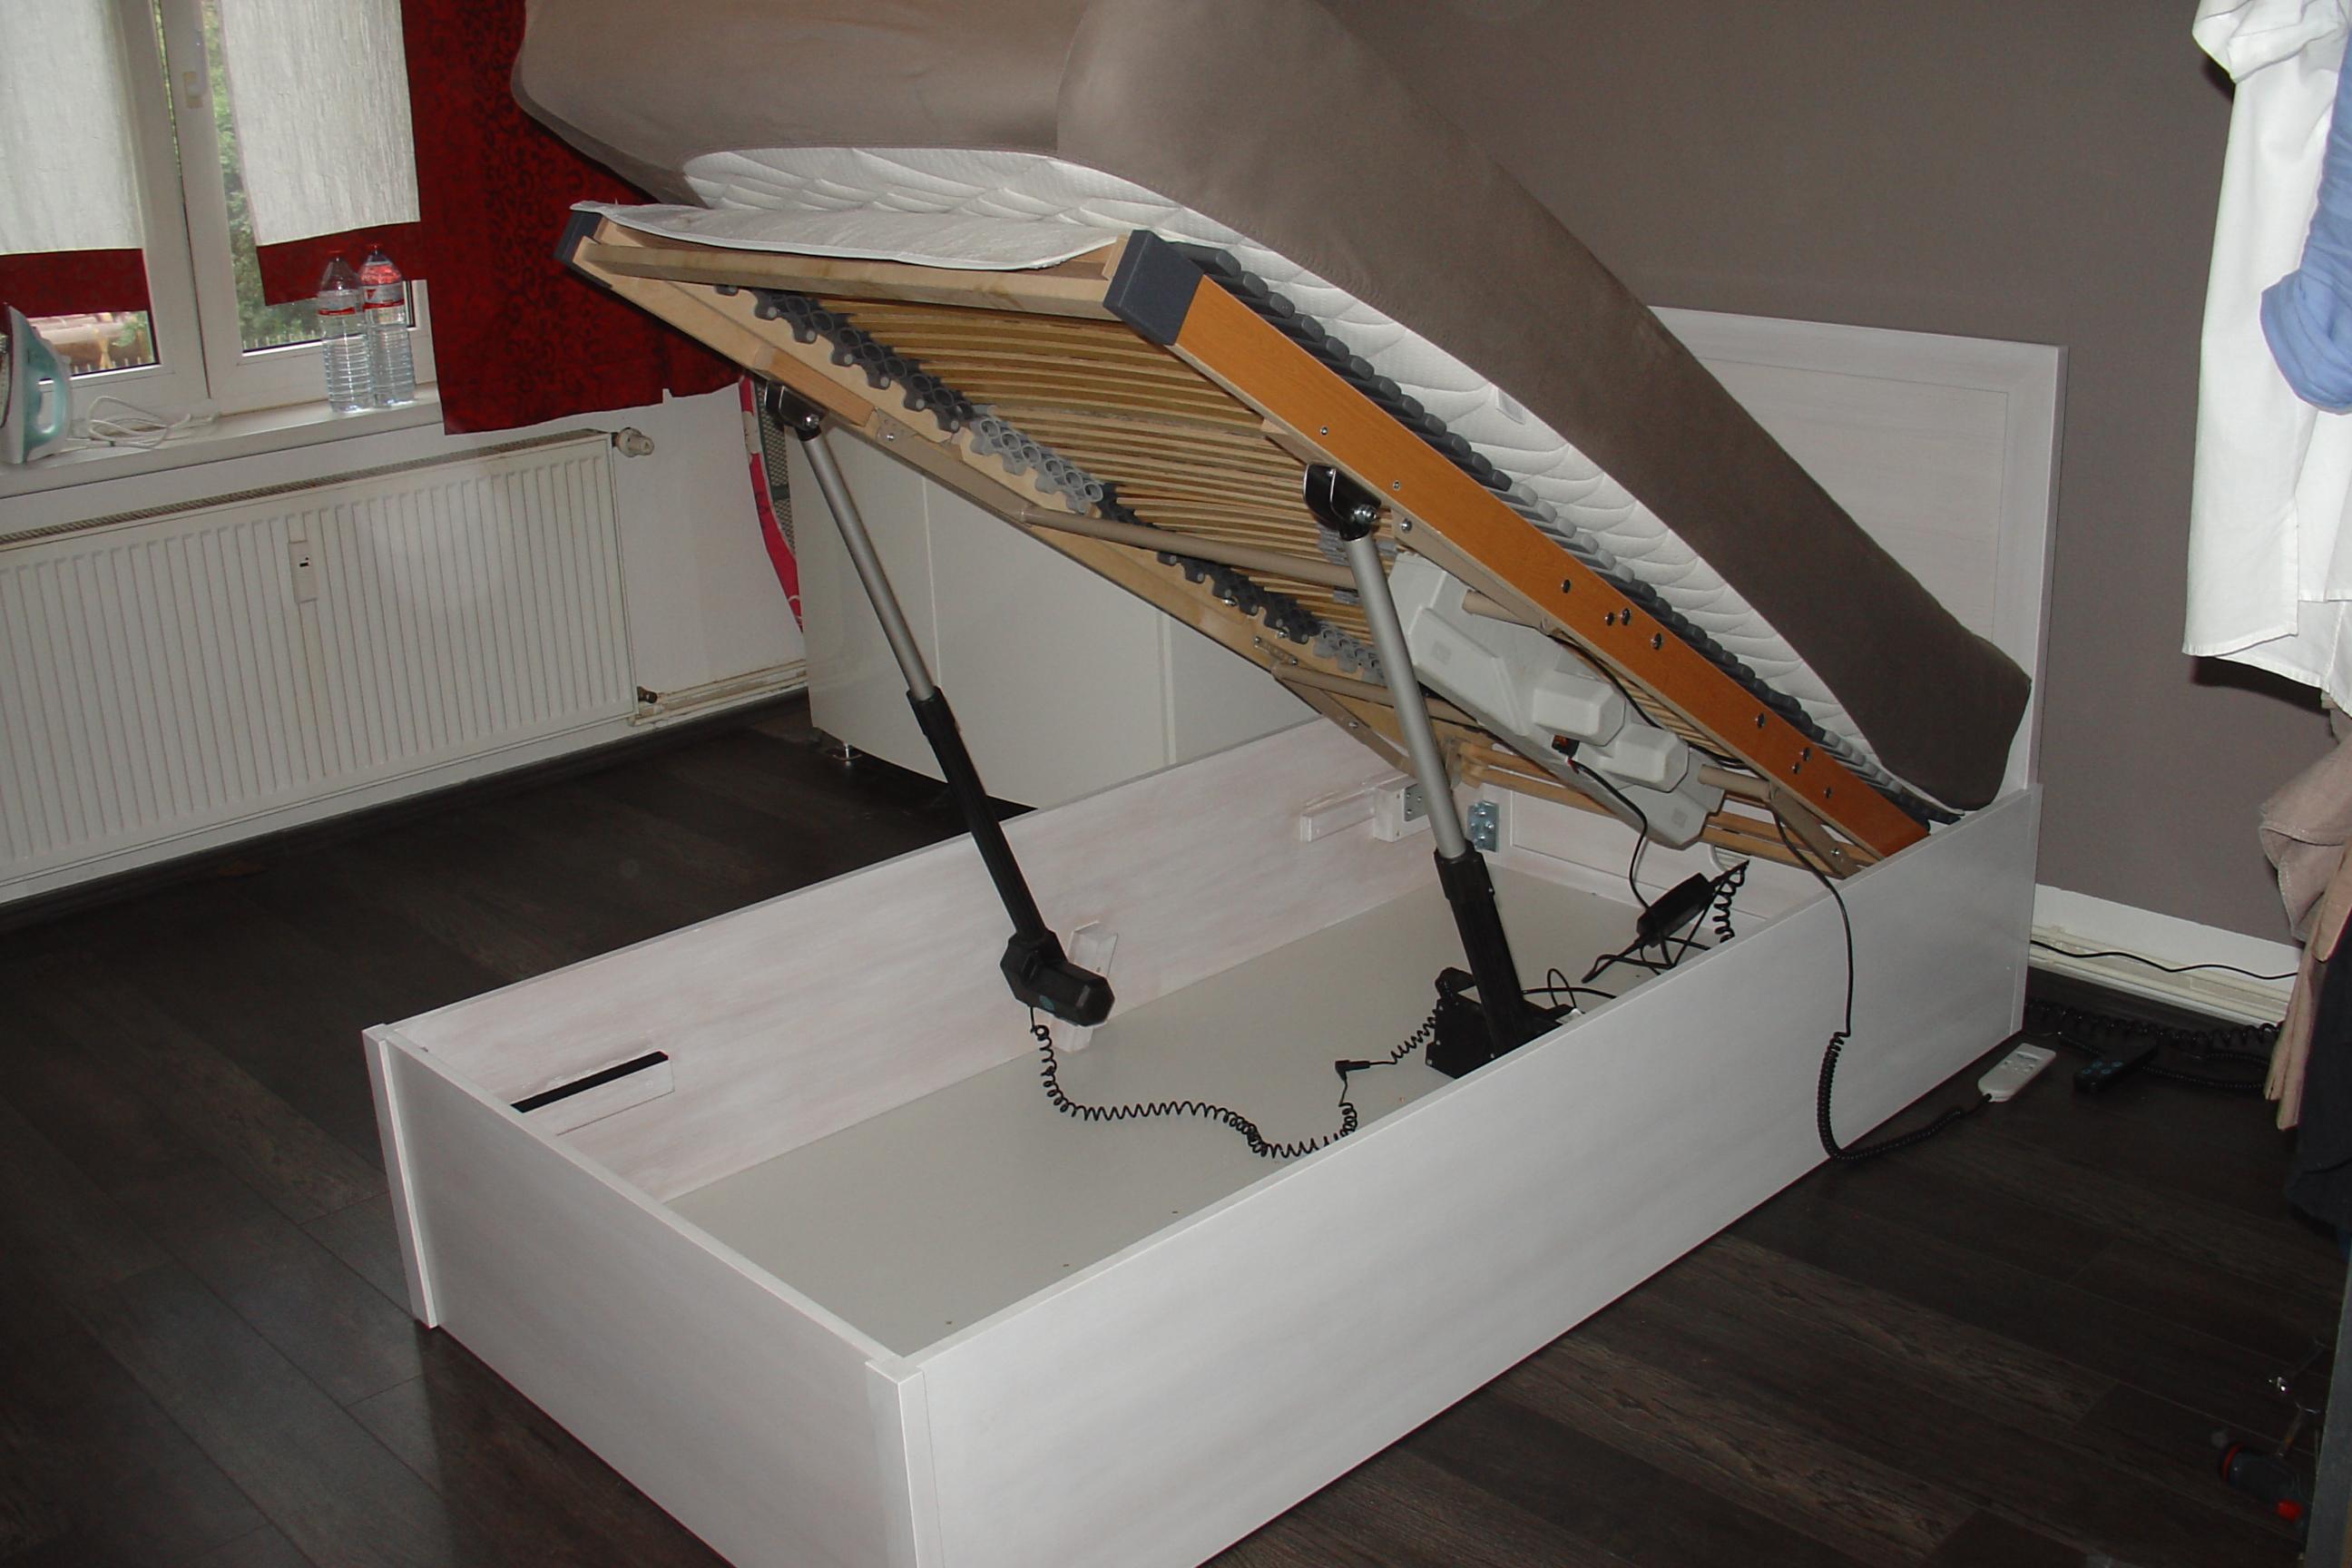 Bett mit Hubmotoren – Manchmal habe ich gar nicht so dumme Ideen